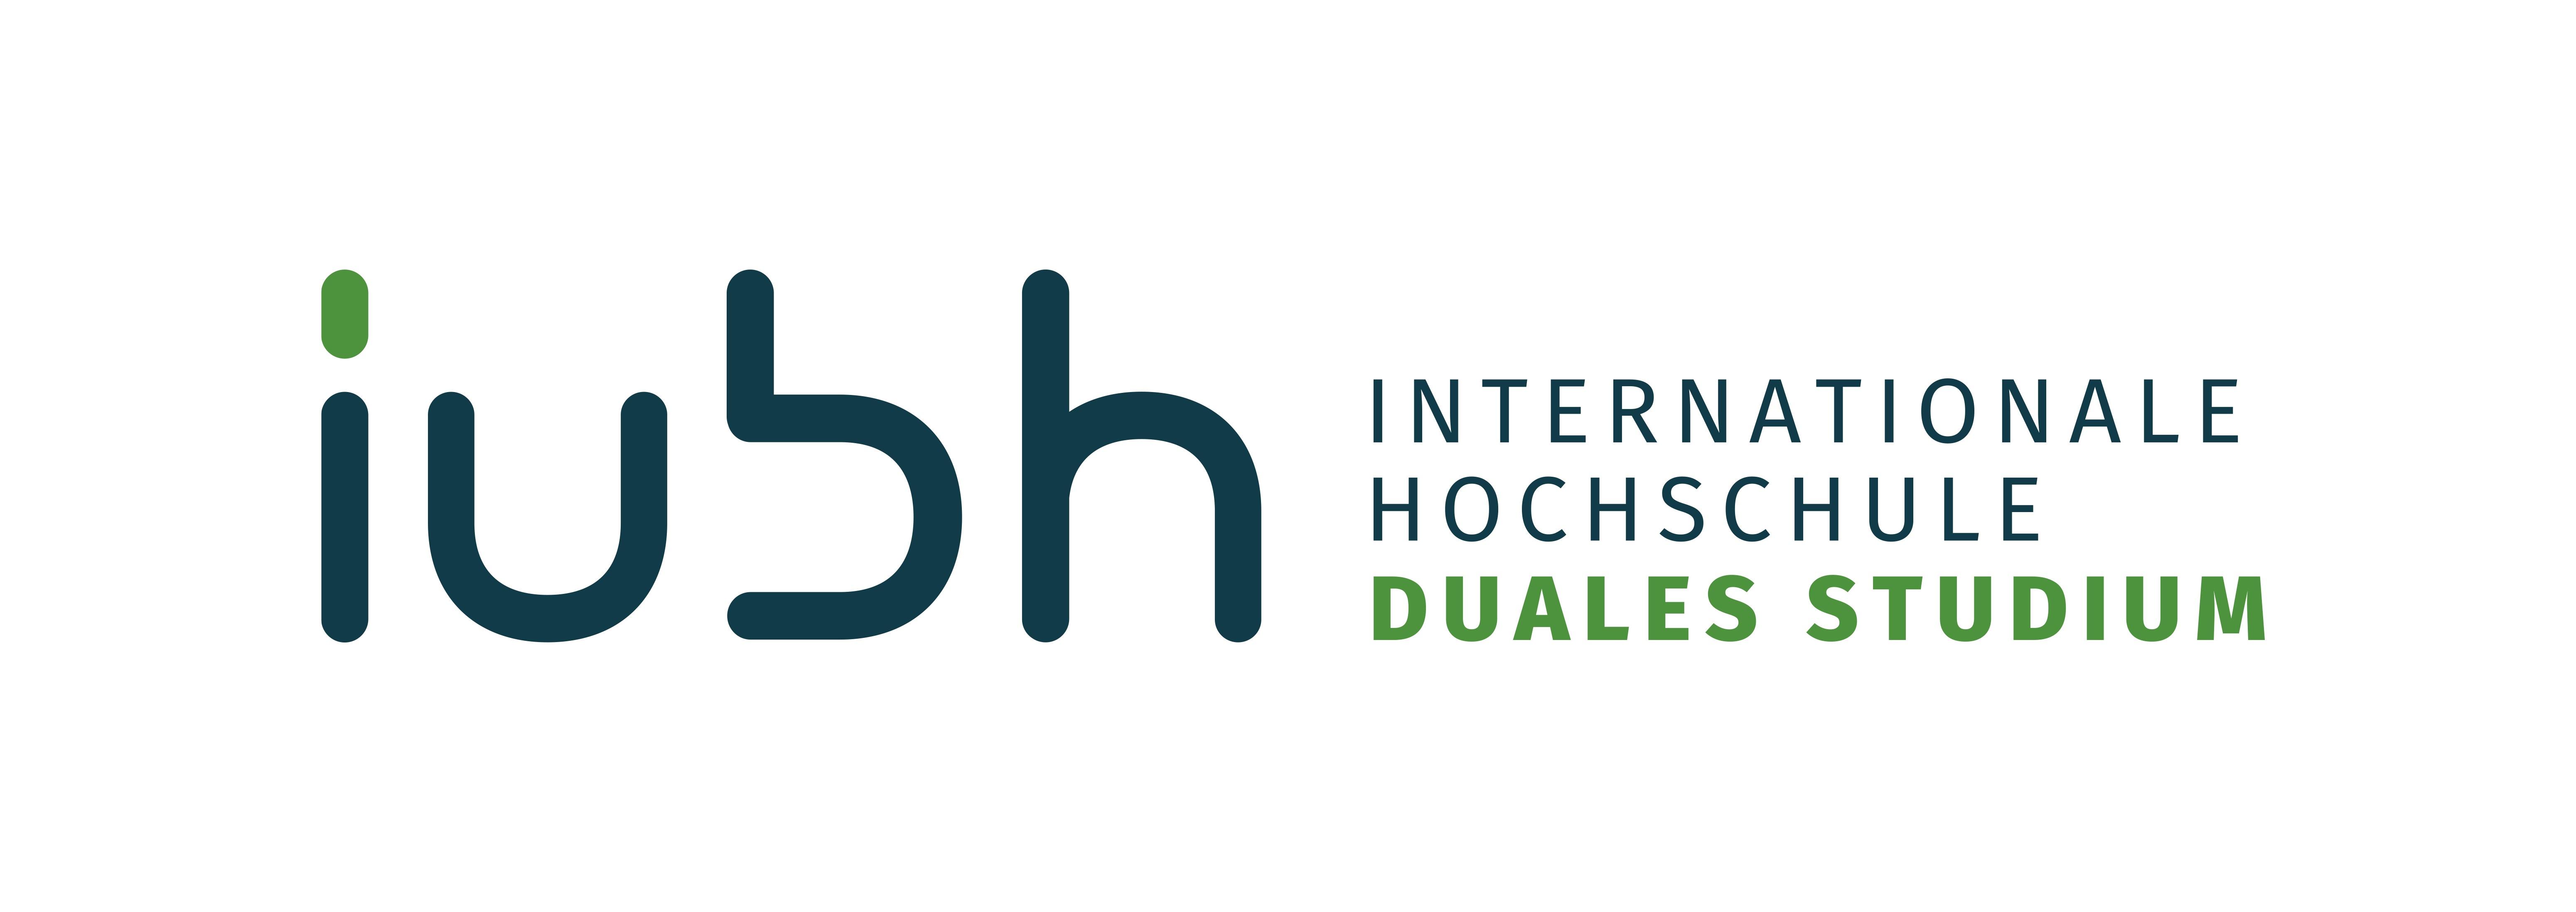 Logo_IUBH Duales Studium.jpg